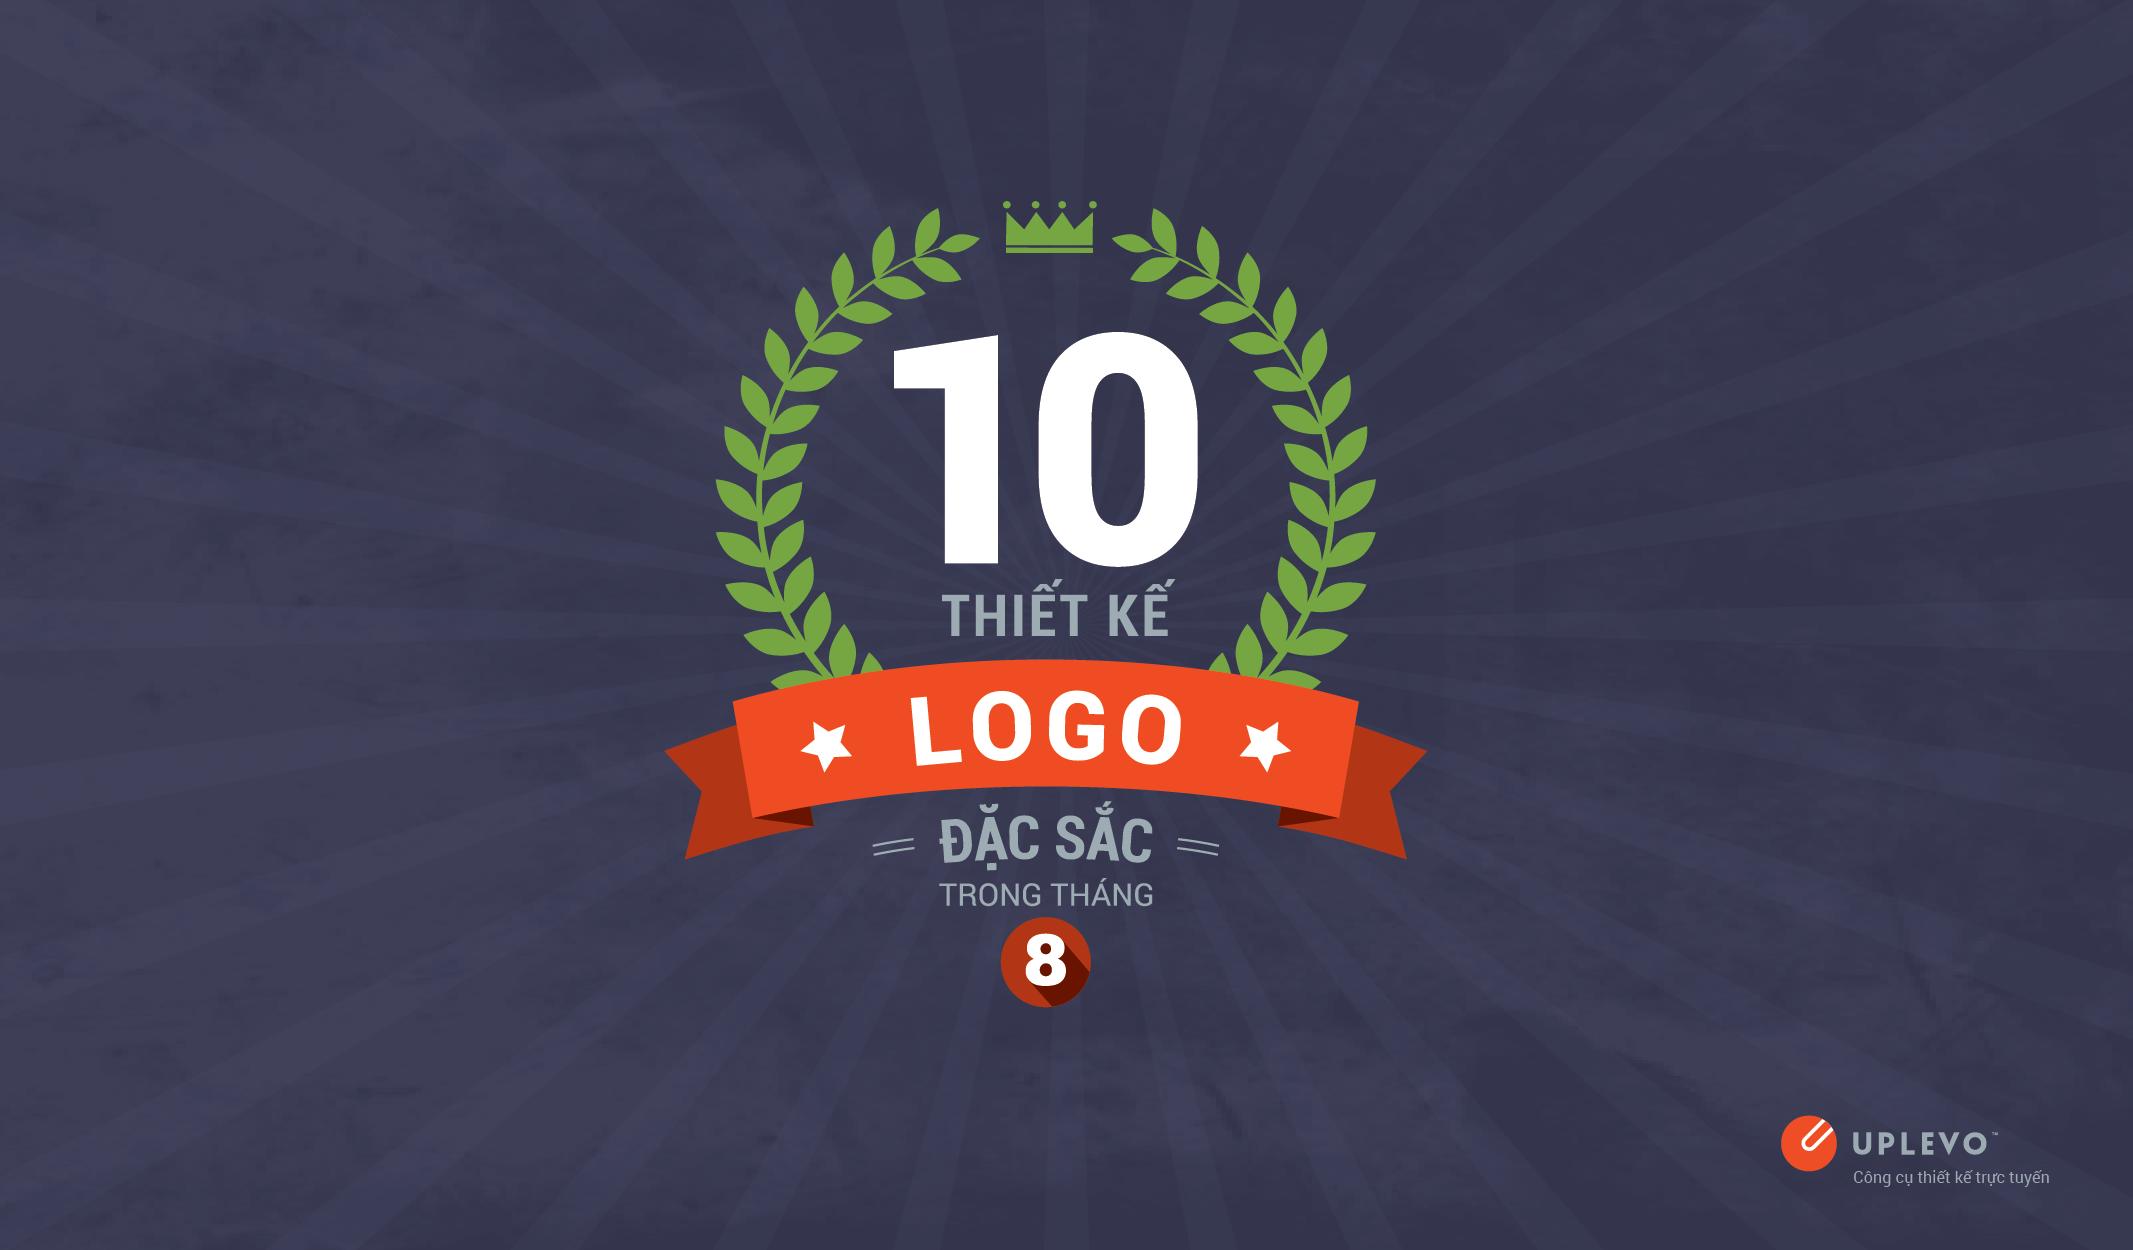 10 thiết kế logo đặc sắc trong tháng 8